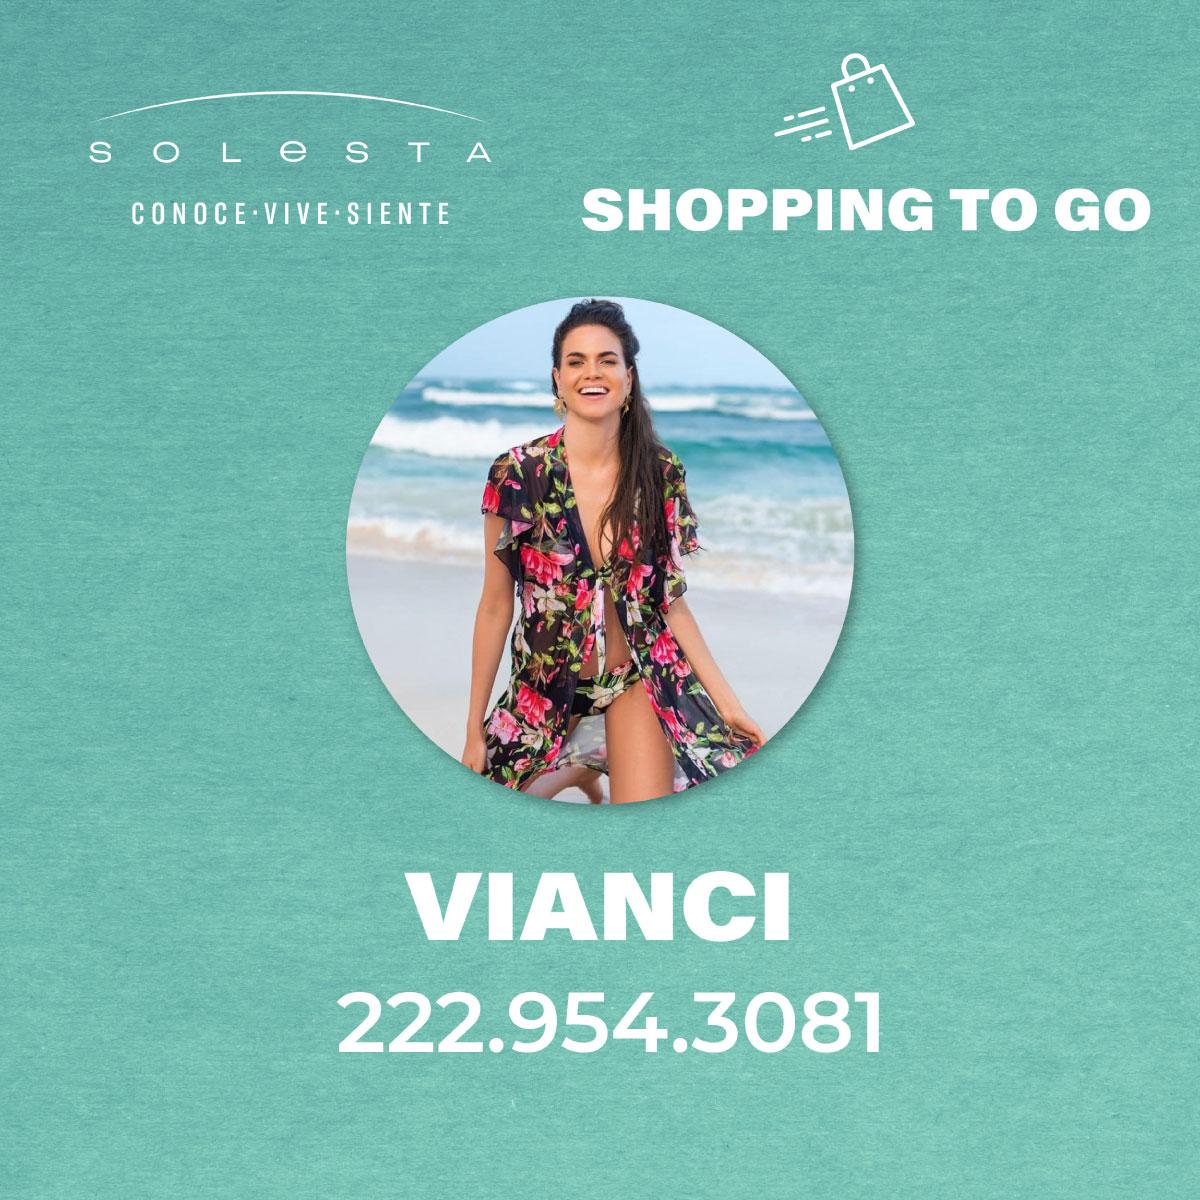 Pick Up De Vianci